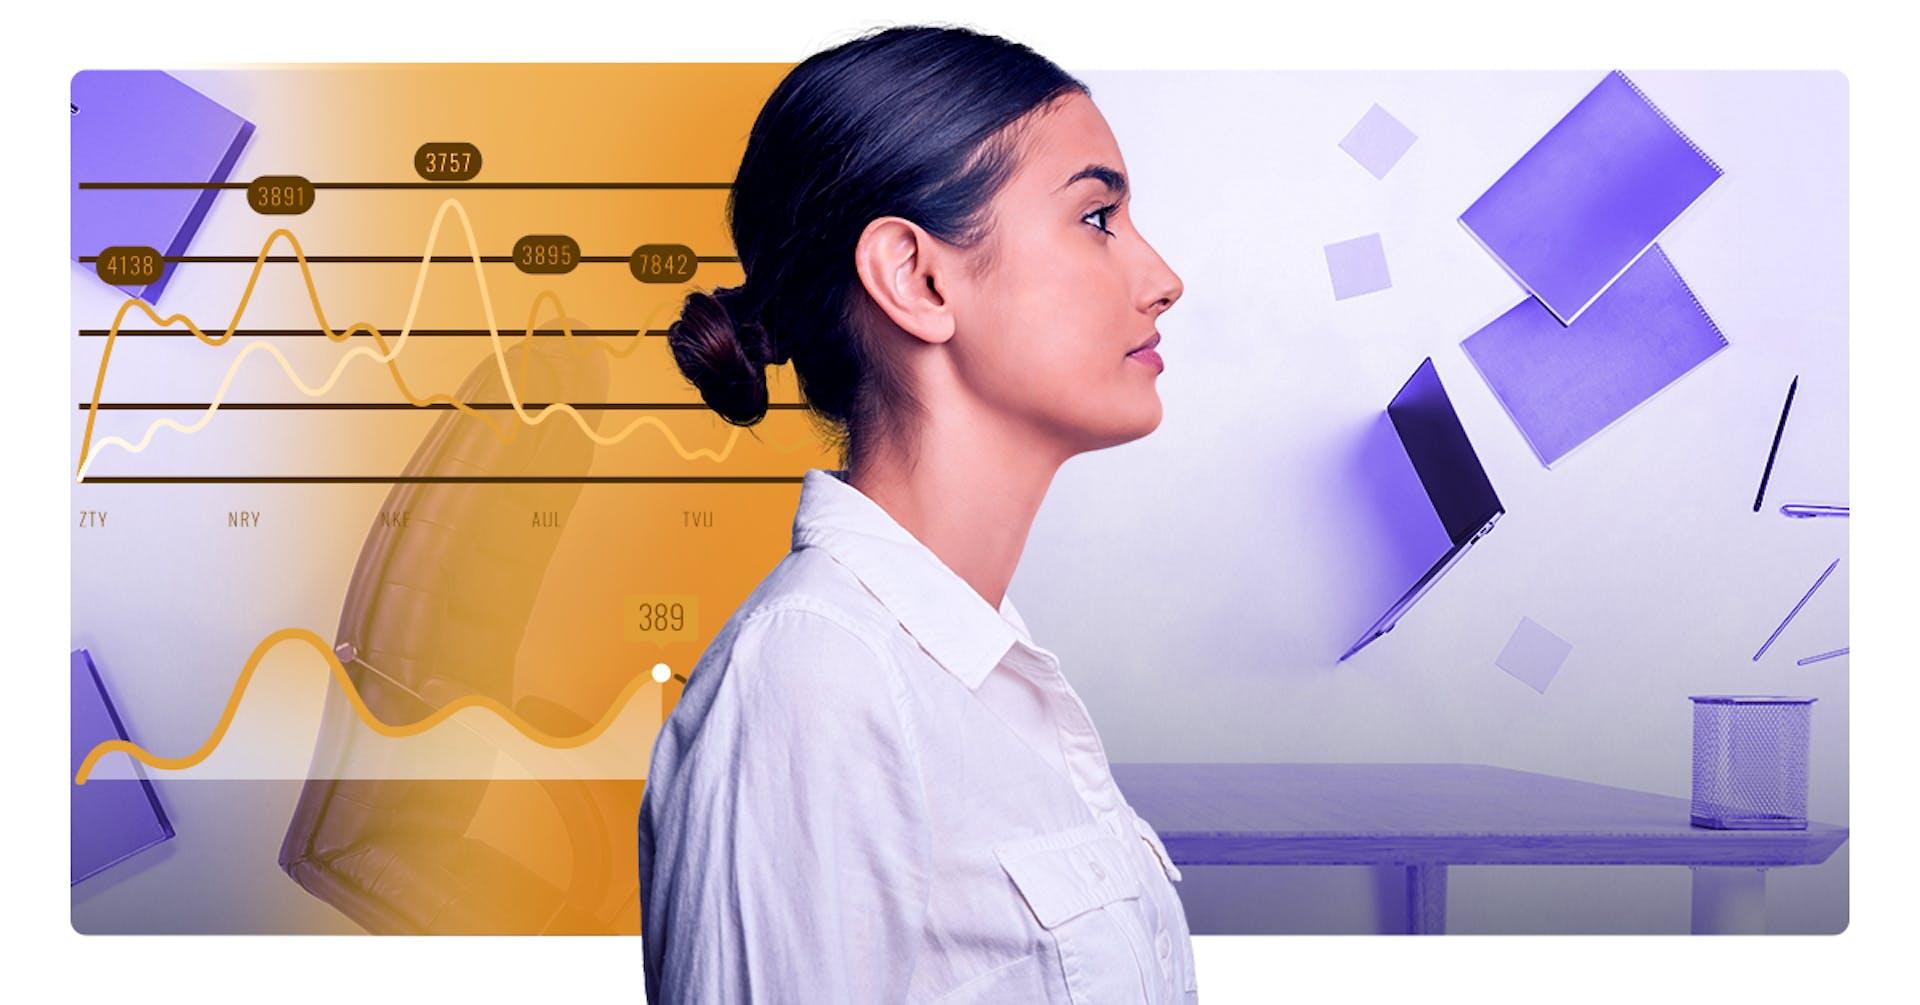 Transformación digital: ¿Cuáles son los retos en Recursos Humanos?